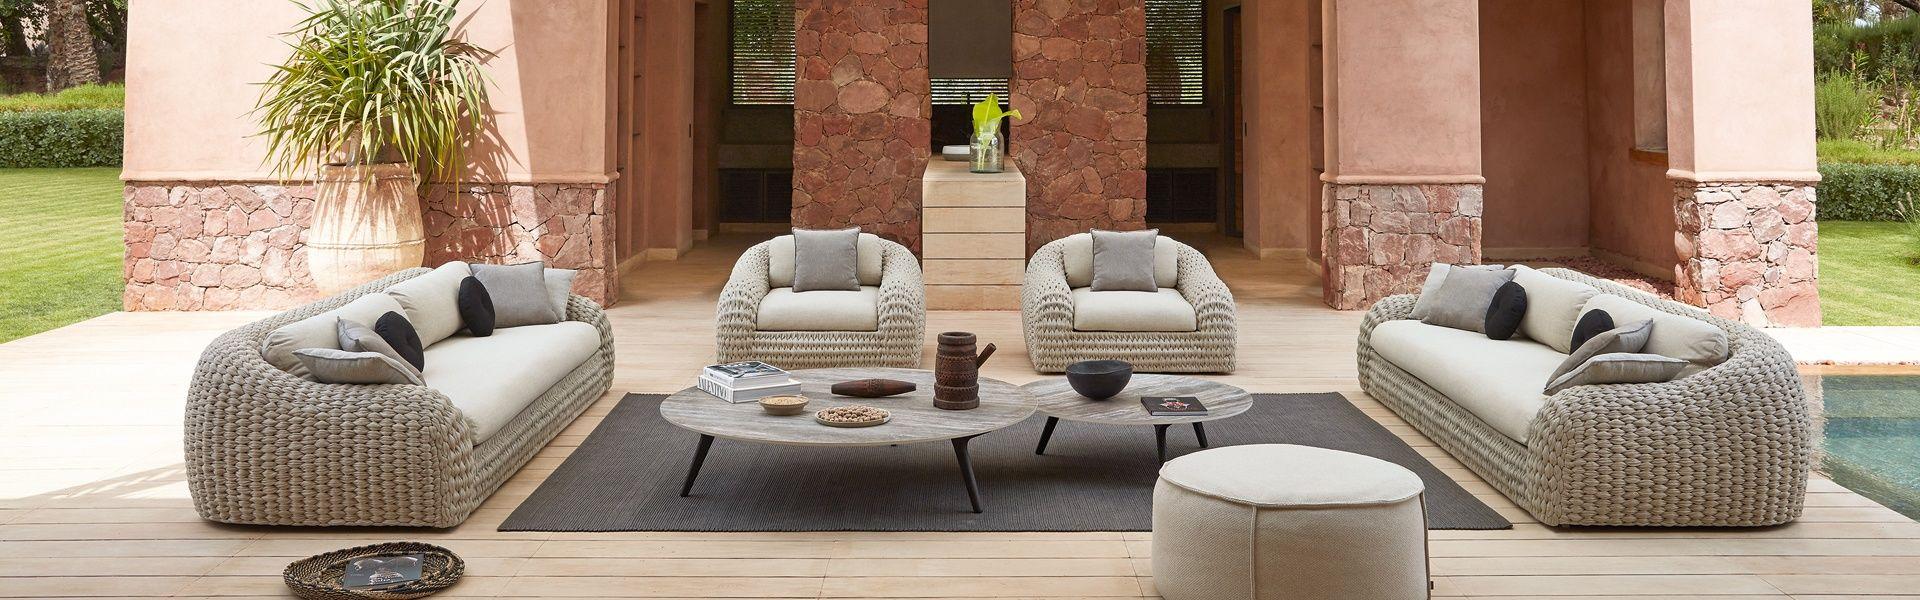 Sifas : Mobilier Et Meuble D'intérieur Et Extérieur Haut De ... concernant Mobilier De Jardin Design De Luxe